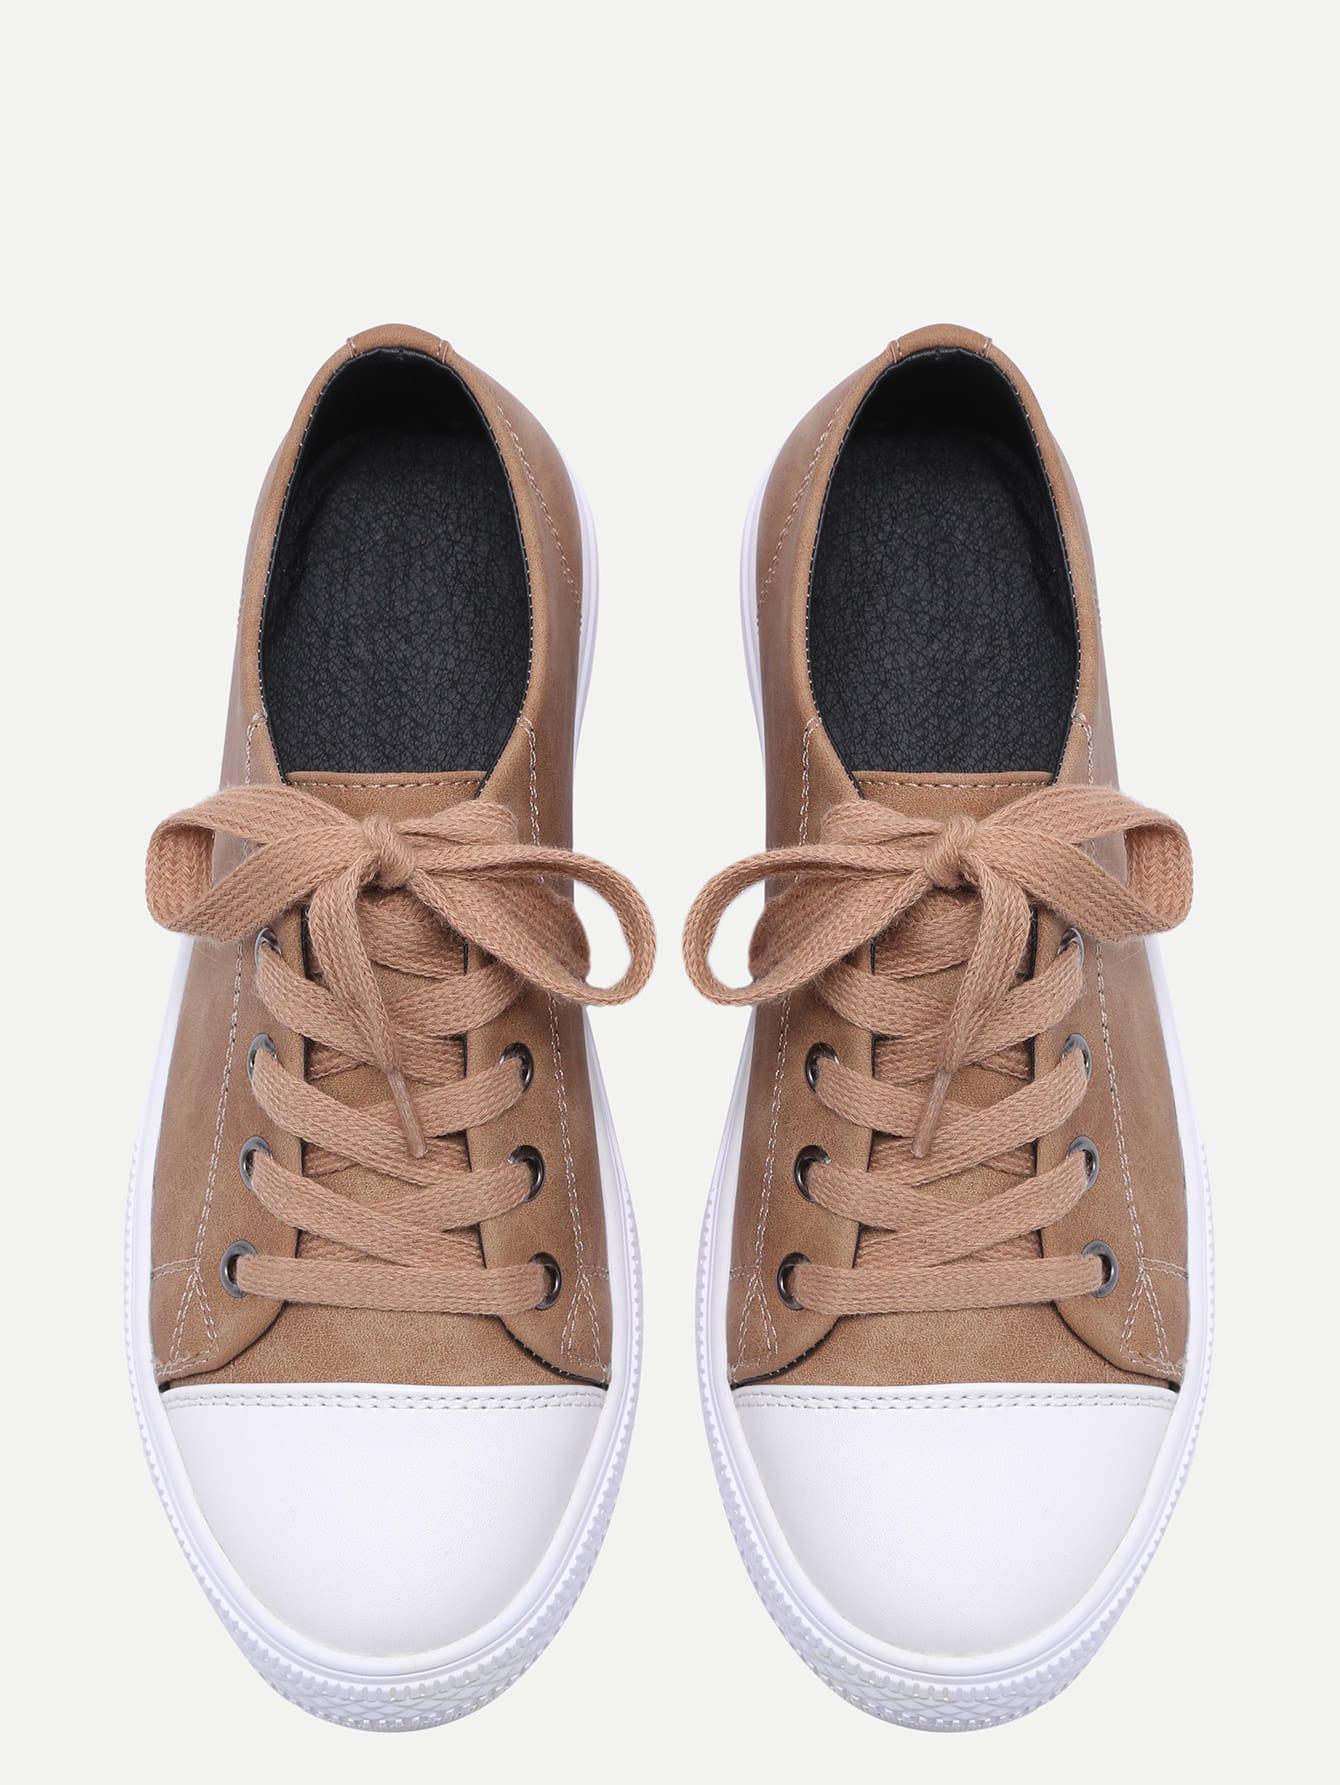 shoes161027801_2